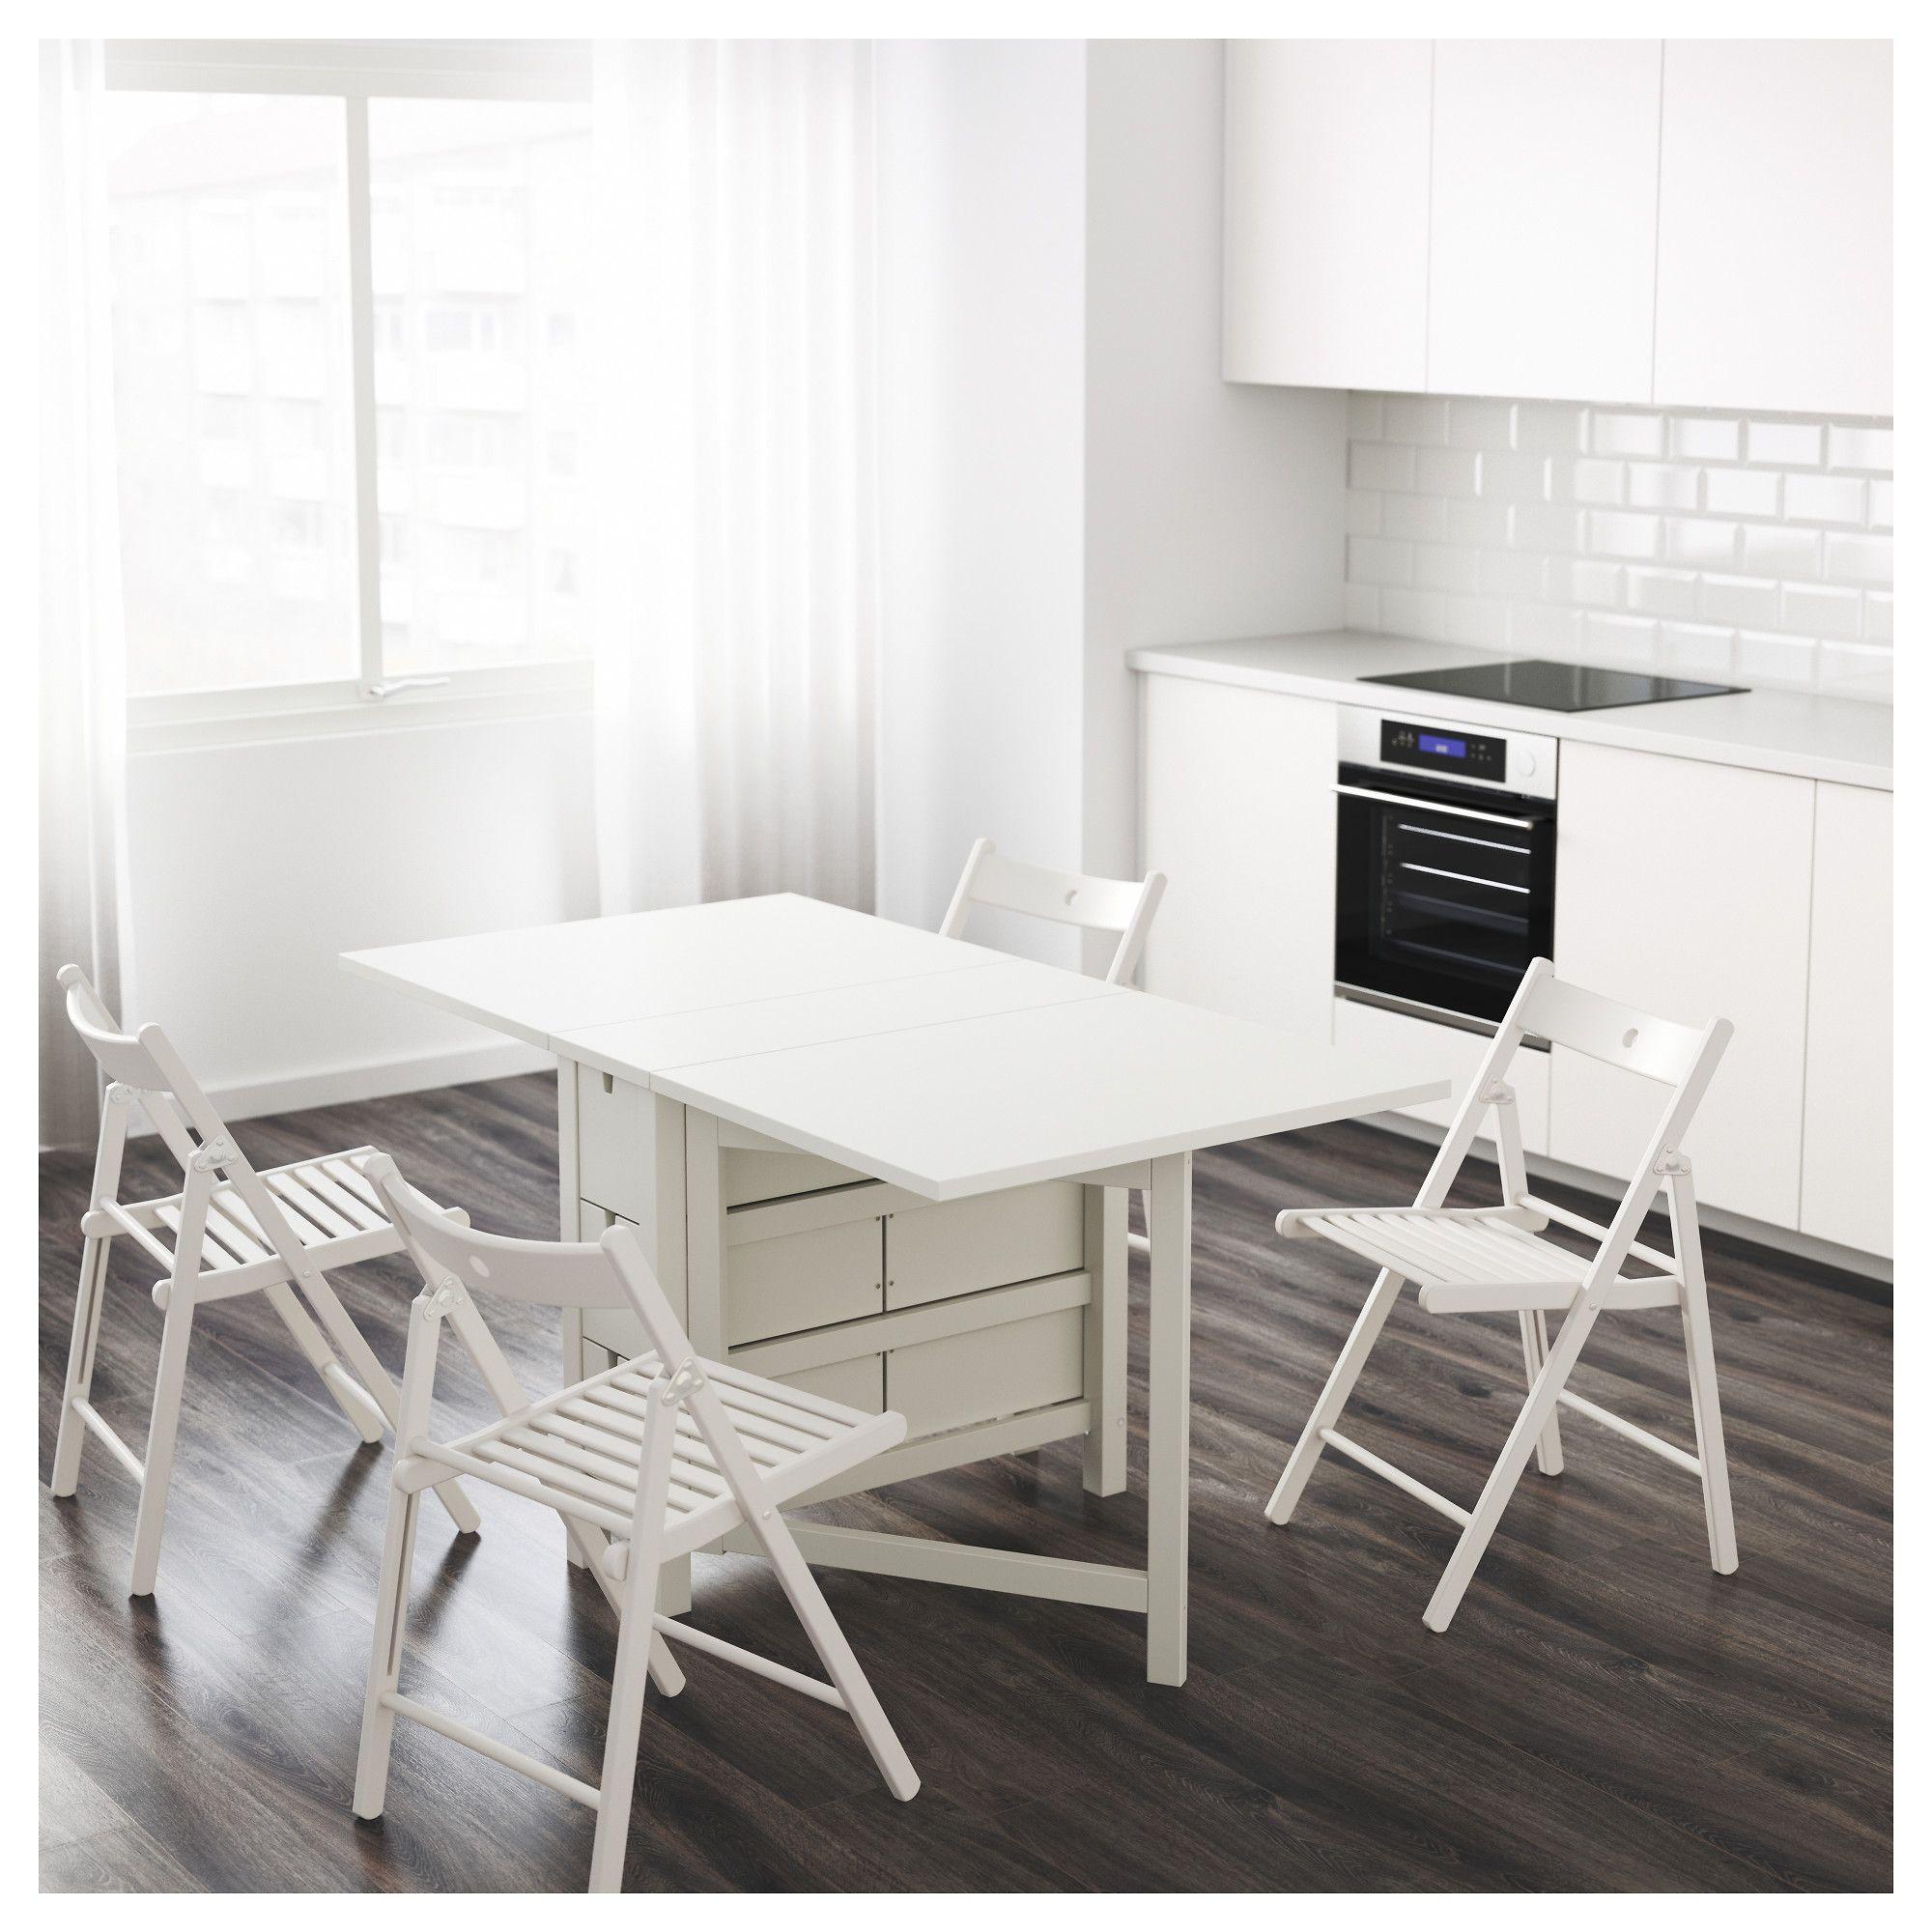 mesas auxiliares en la cocina